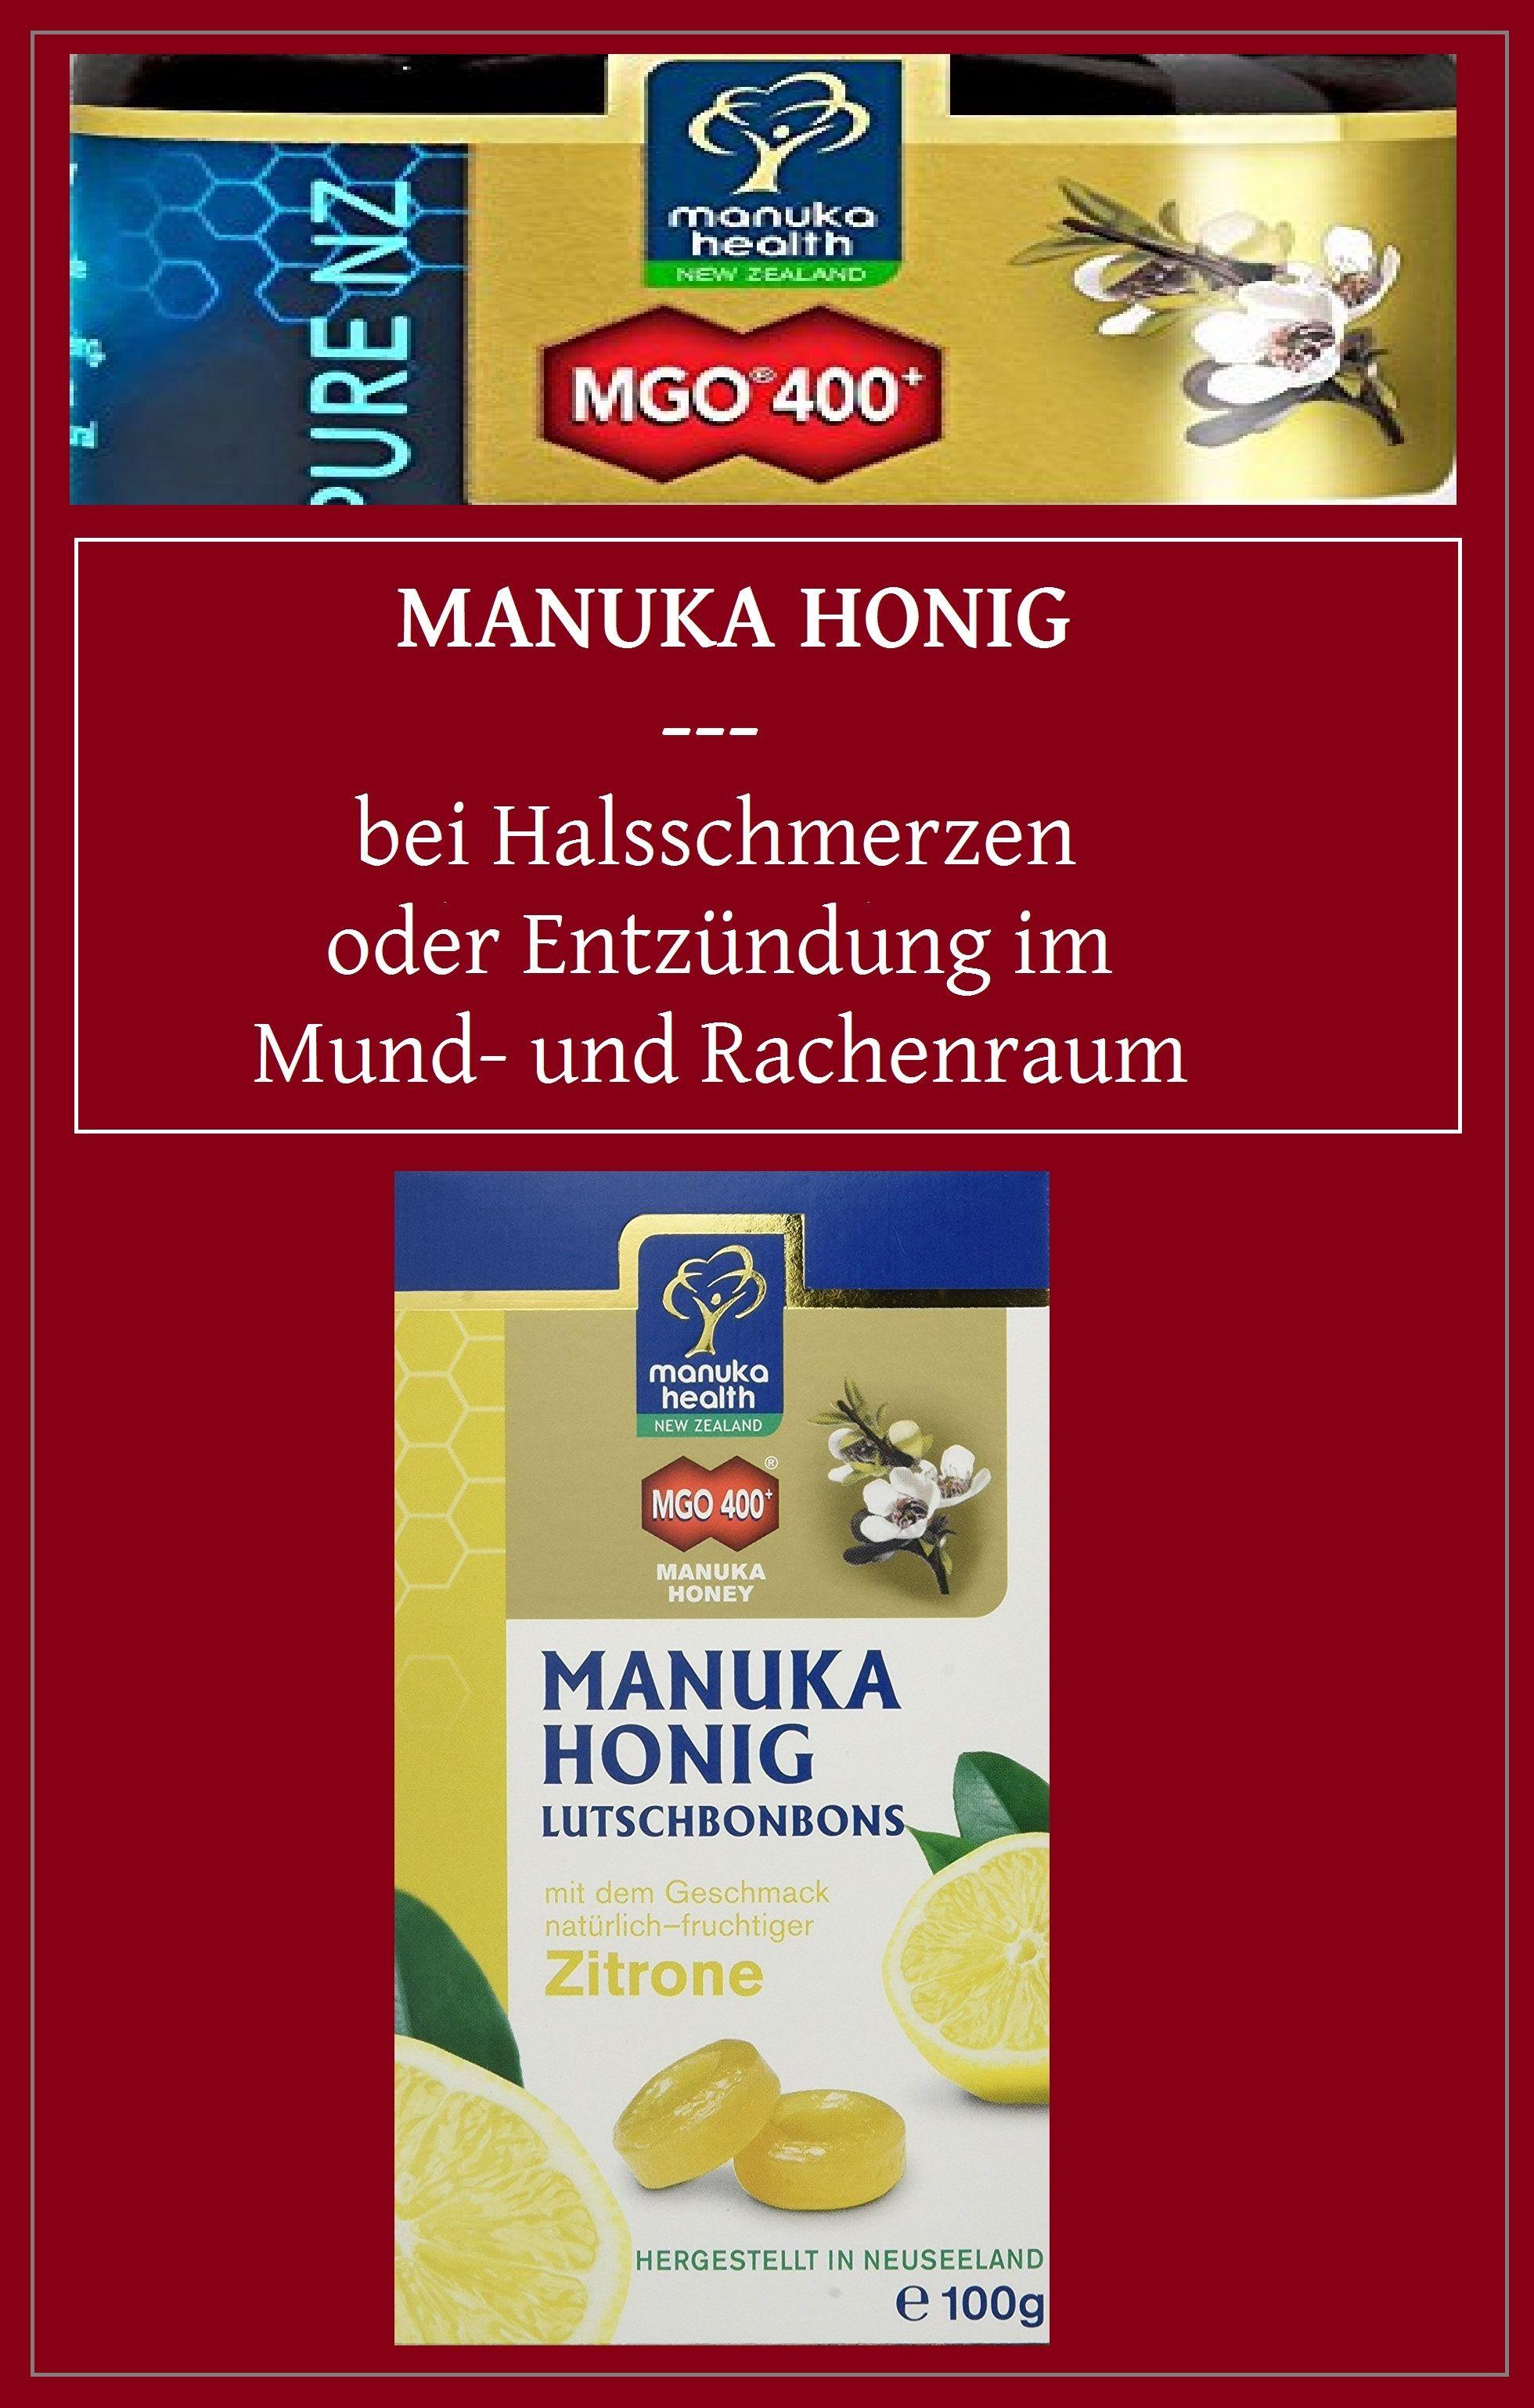 Zitronen-Lutschbonbons mit starken Manukahonig 400+:  Stärken die Abwehrkräfte, helfen direkt bei Entzünden im Mund- und Rachenraum, verschaffen bei Halsschmerzen sofortige Linderung.